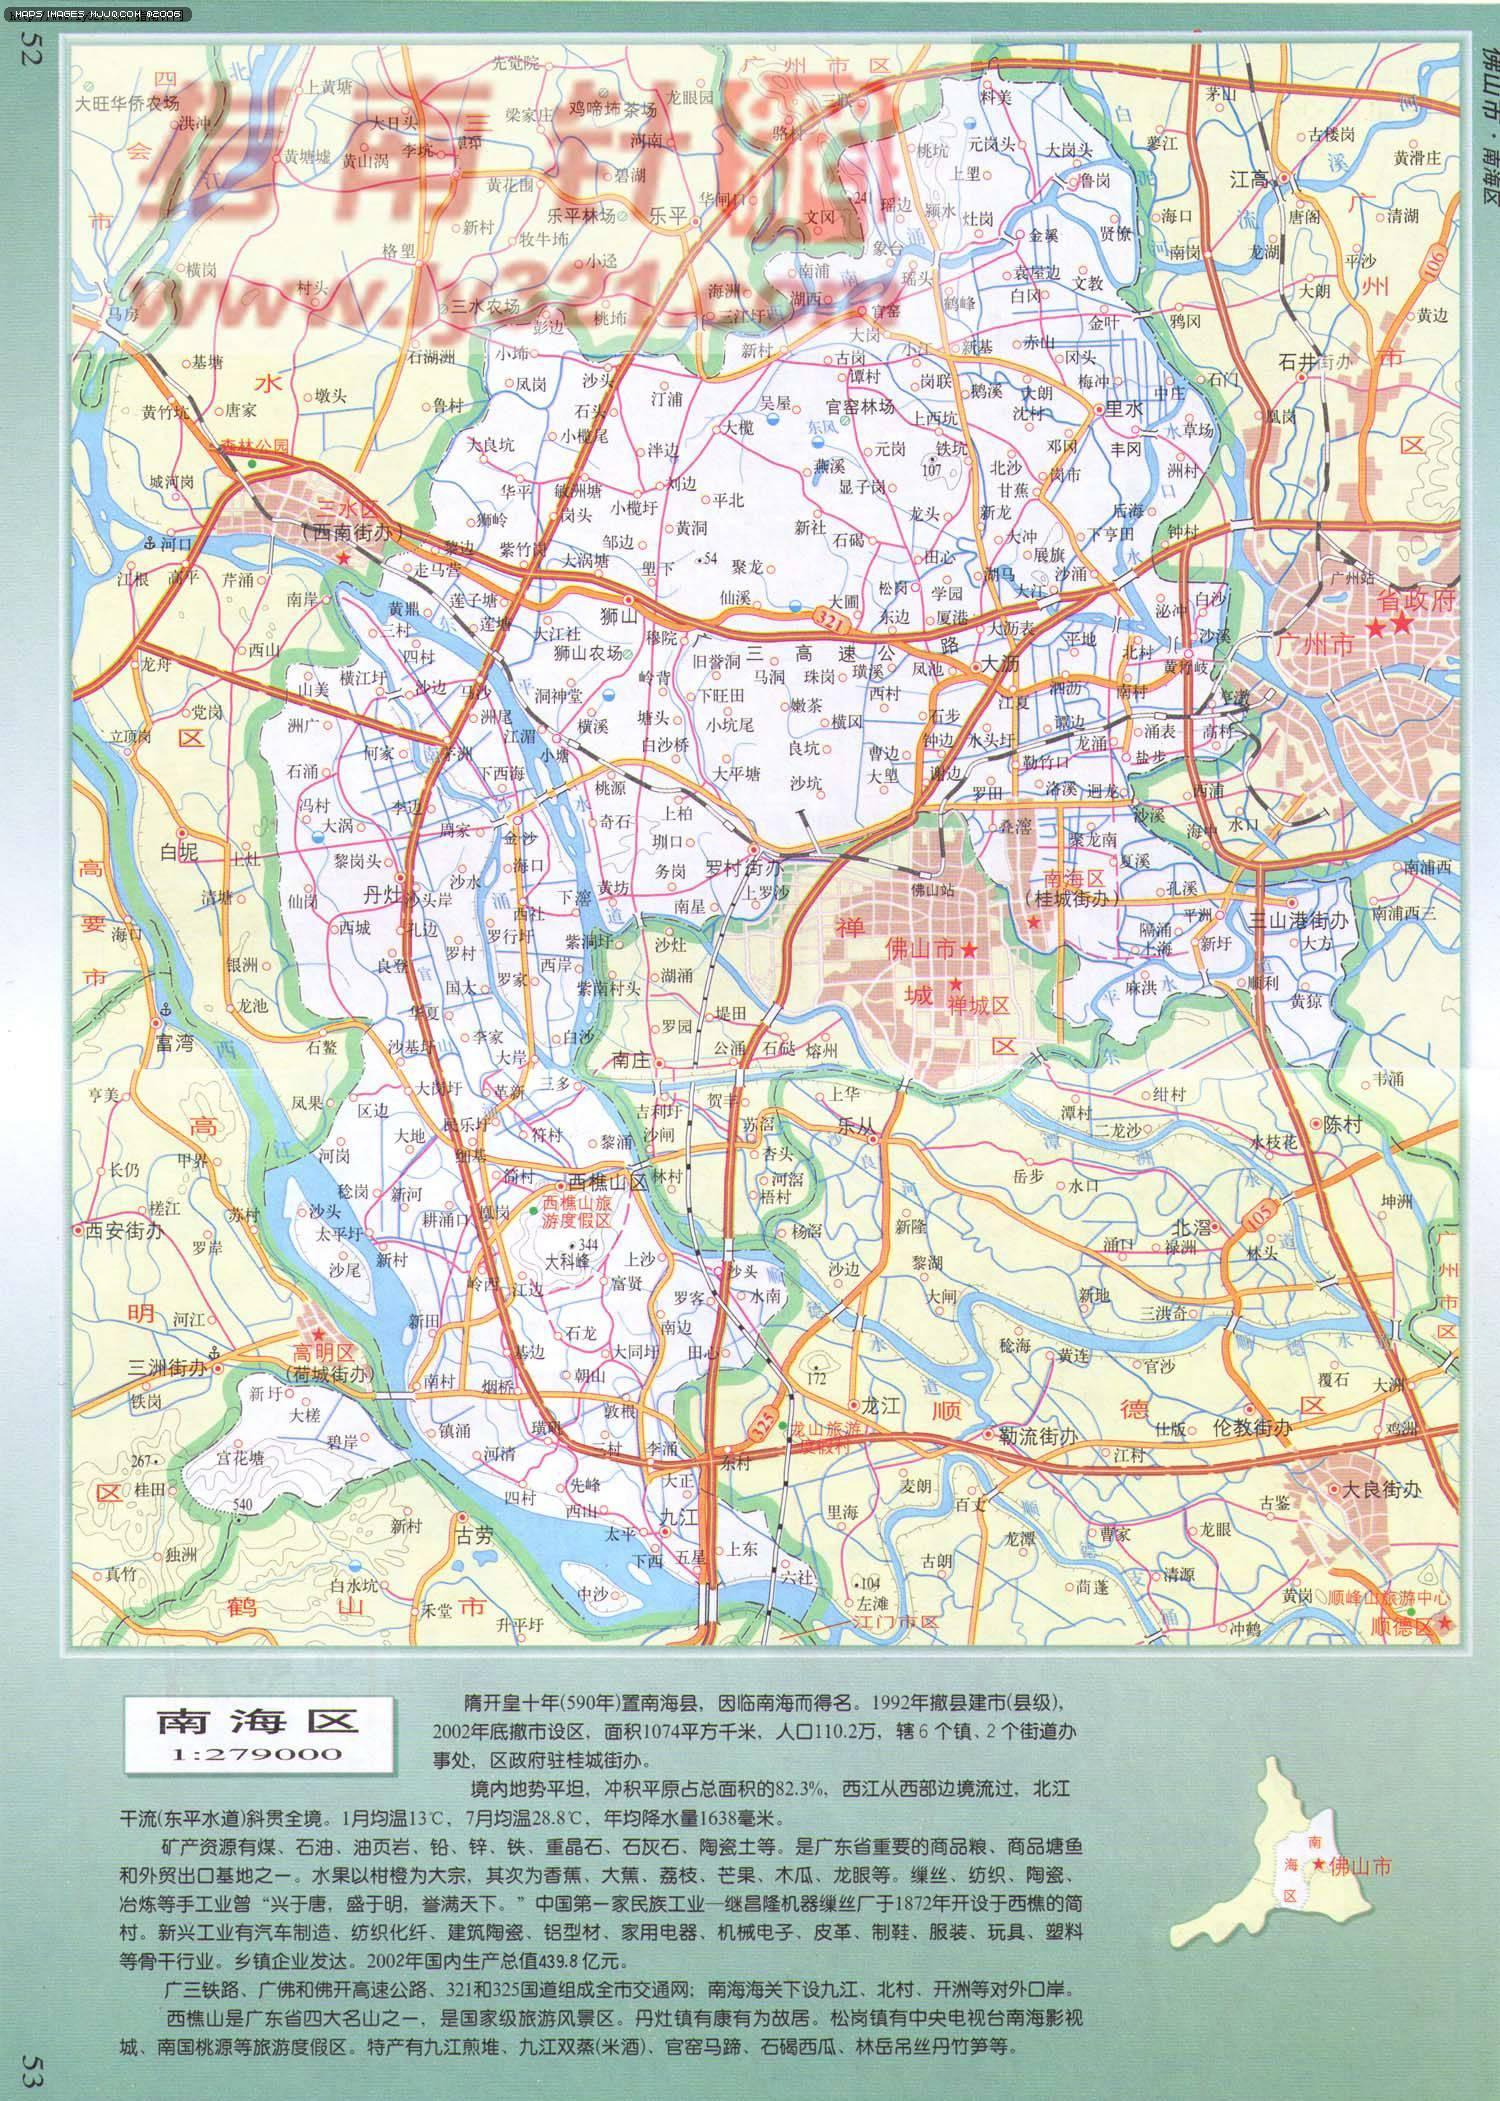 廣東省佛山市南海區地圖 - 廣東旅遊地圖 中國地圖 - 美景旅遊網